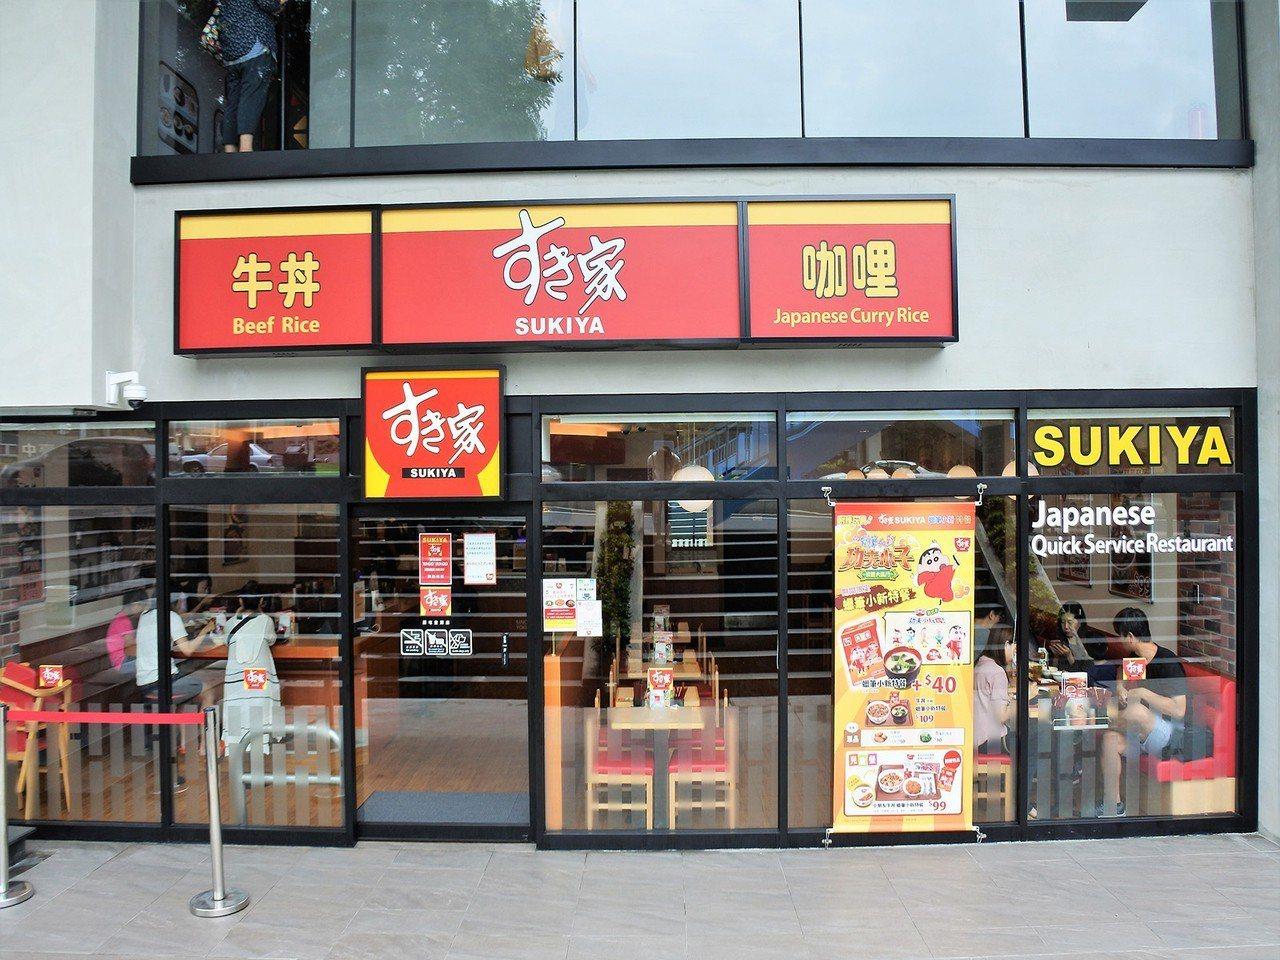 (圖/台灣旅行趣) ▲【すき家Sukiya】價格實惠、份量足夠,日本平民牛丼王。